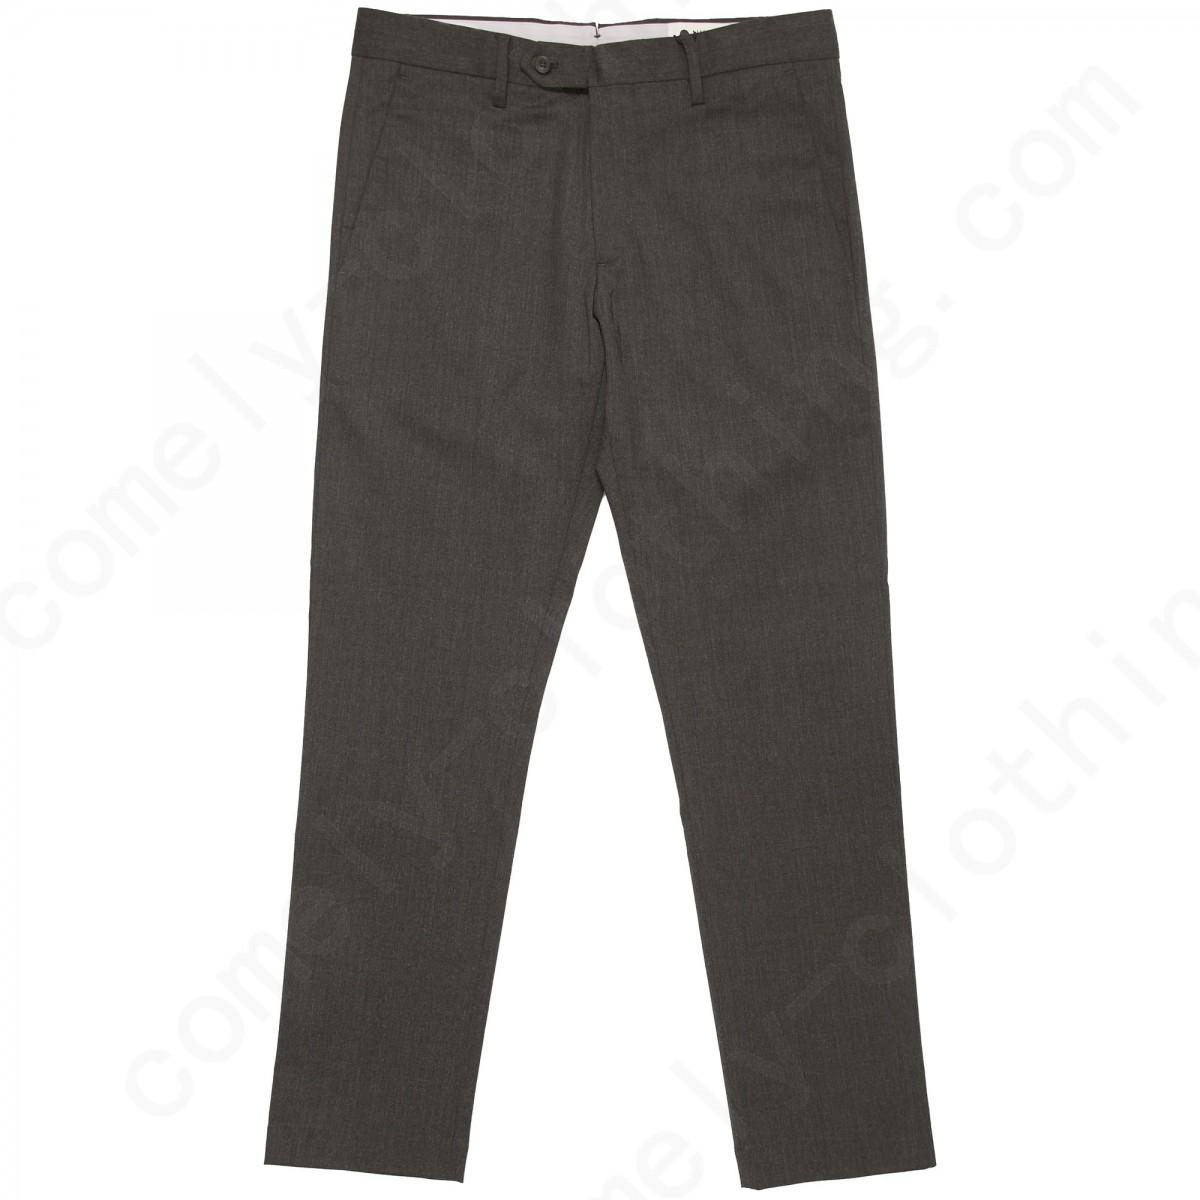 Nn07 Dark Grey Theo Trousers - Slim Fit Pants Mens - -0